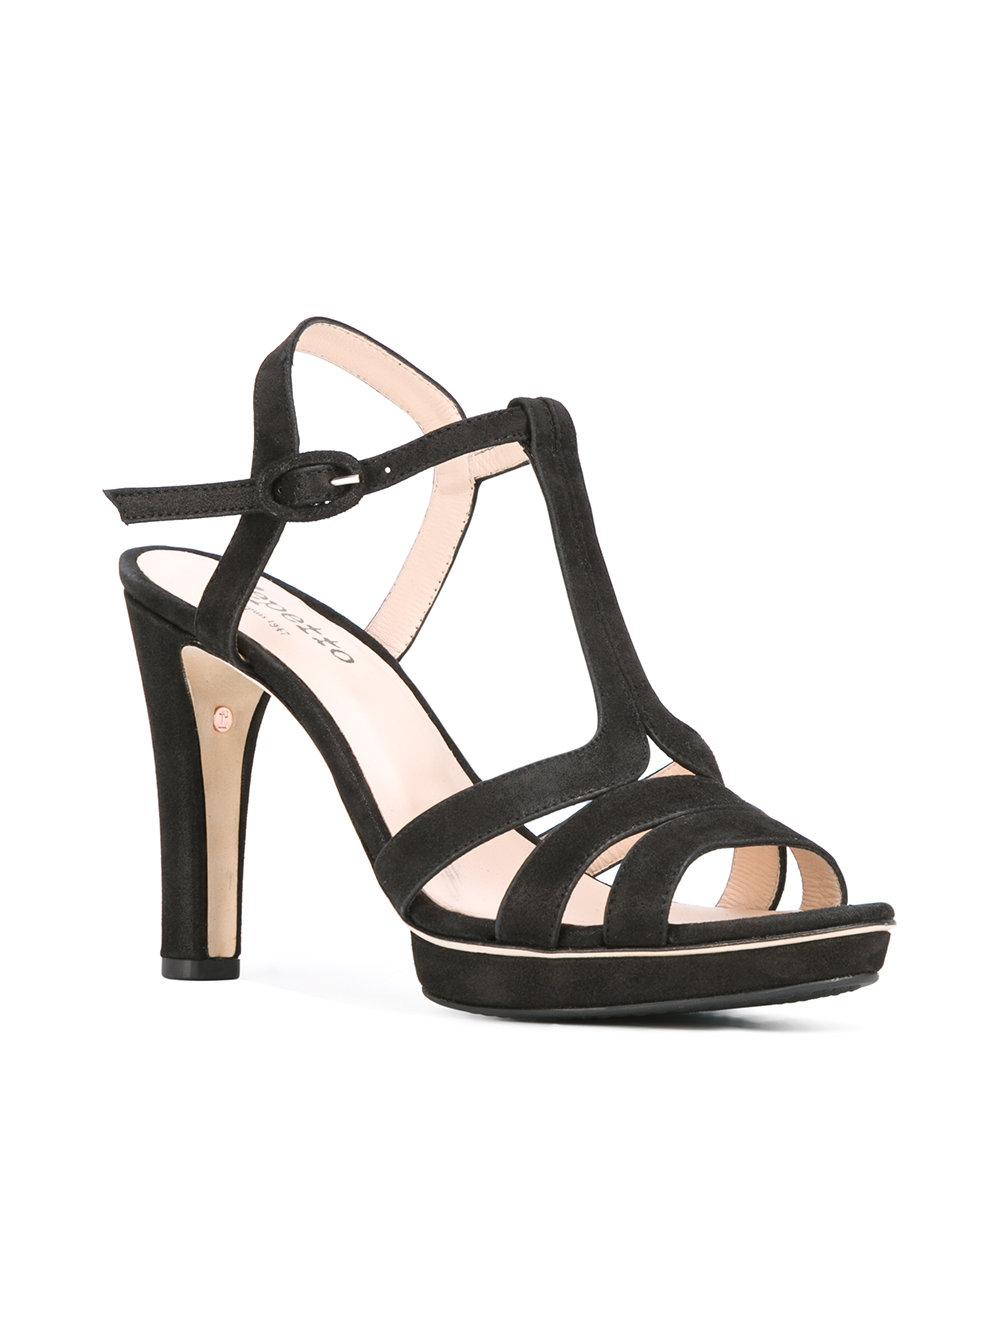 Chaussures repetto vente en ligne